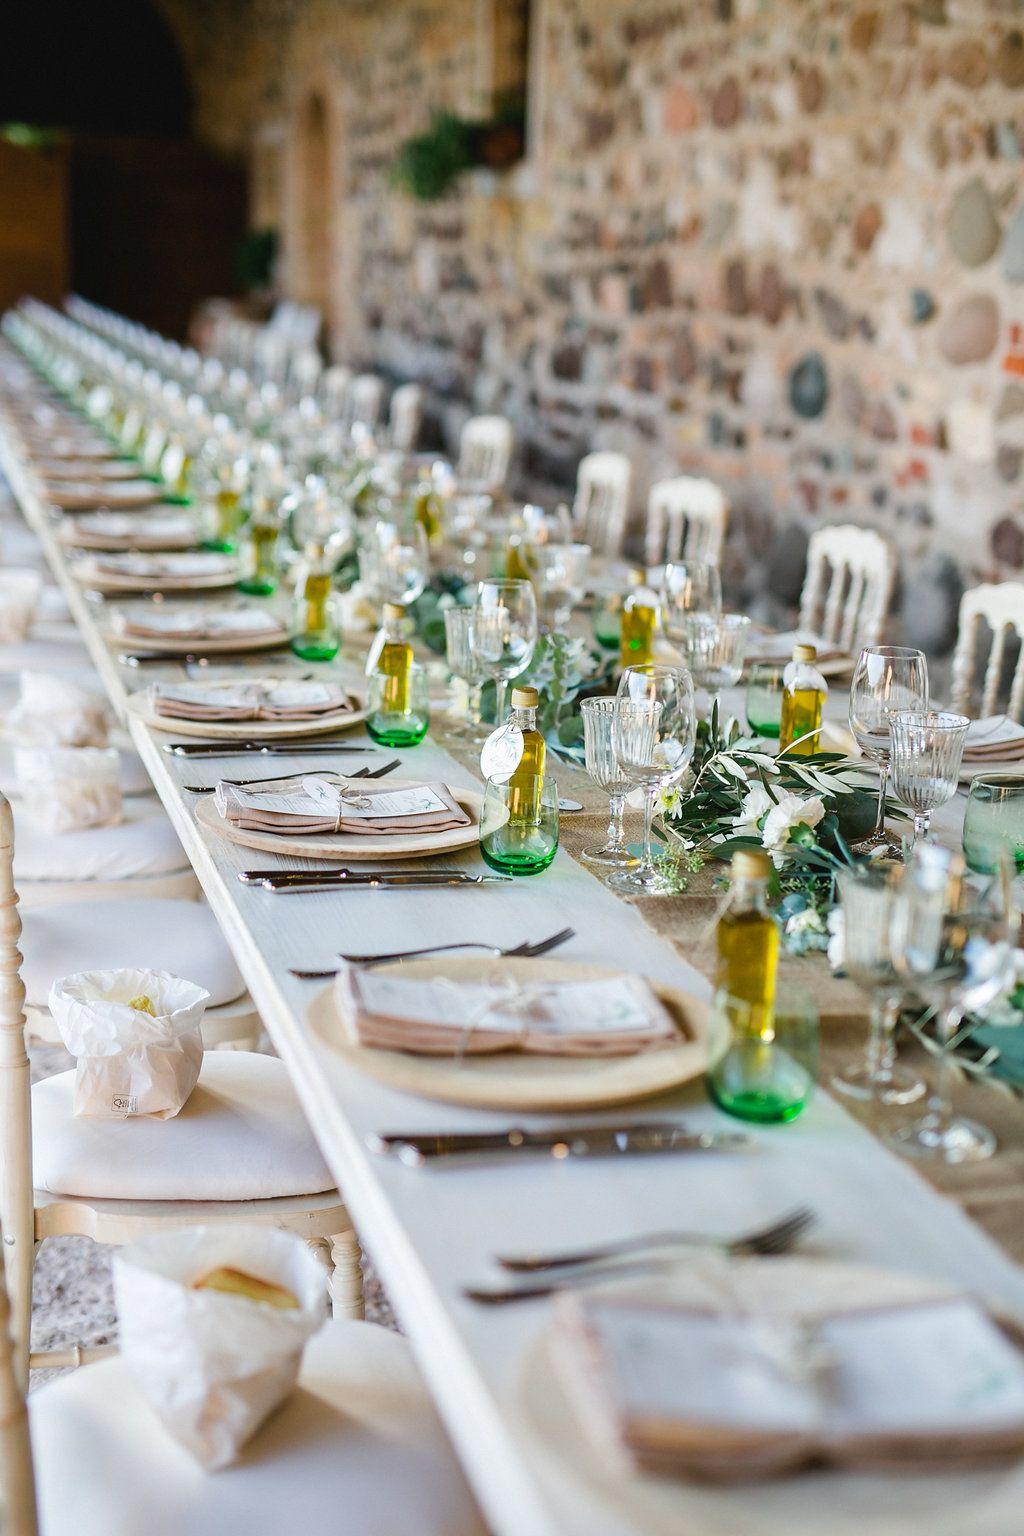 Tischdeko Italien Tischdeko Mit Krutern Cool Kleiner Kranz Mit Kruter